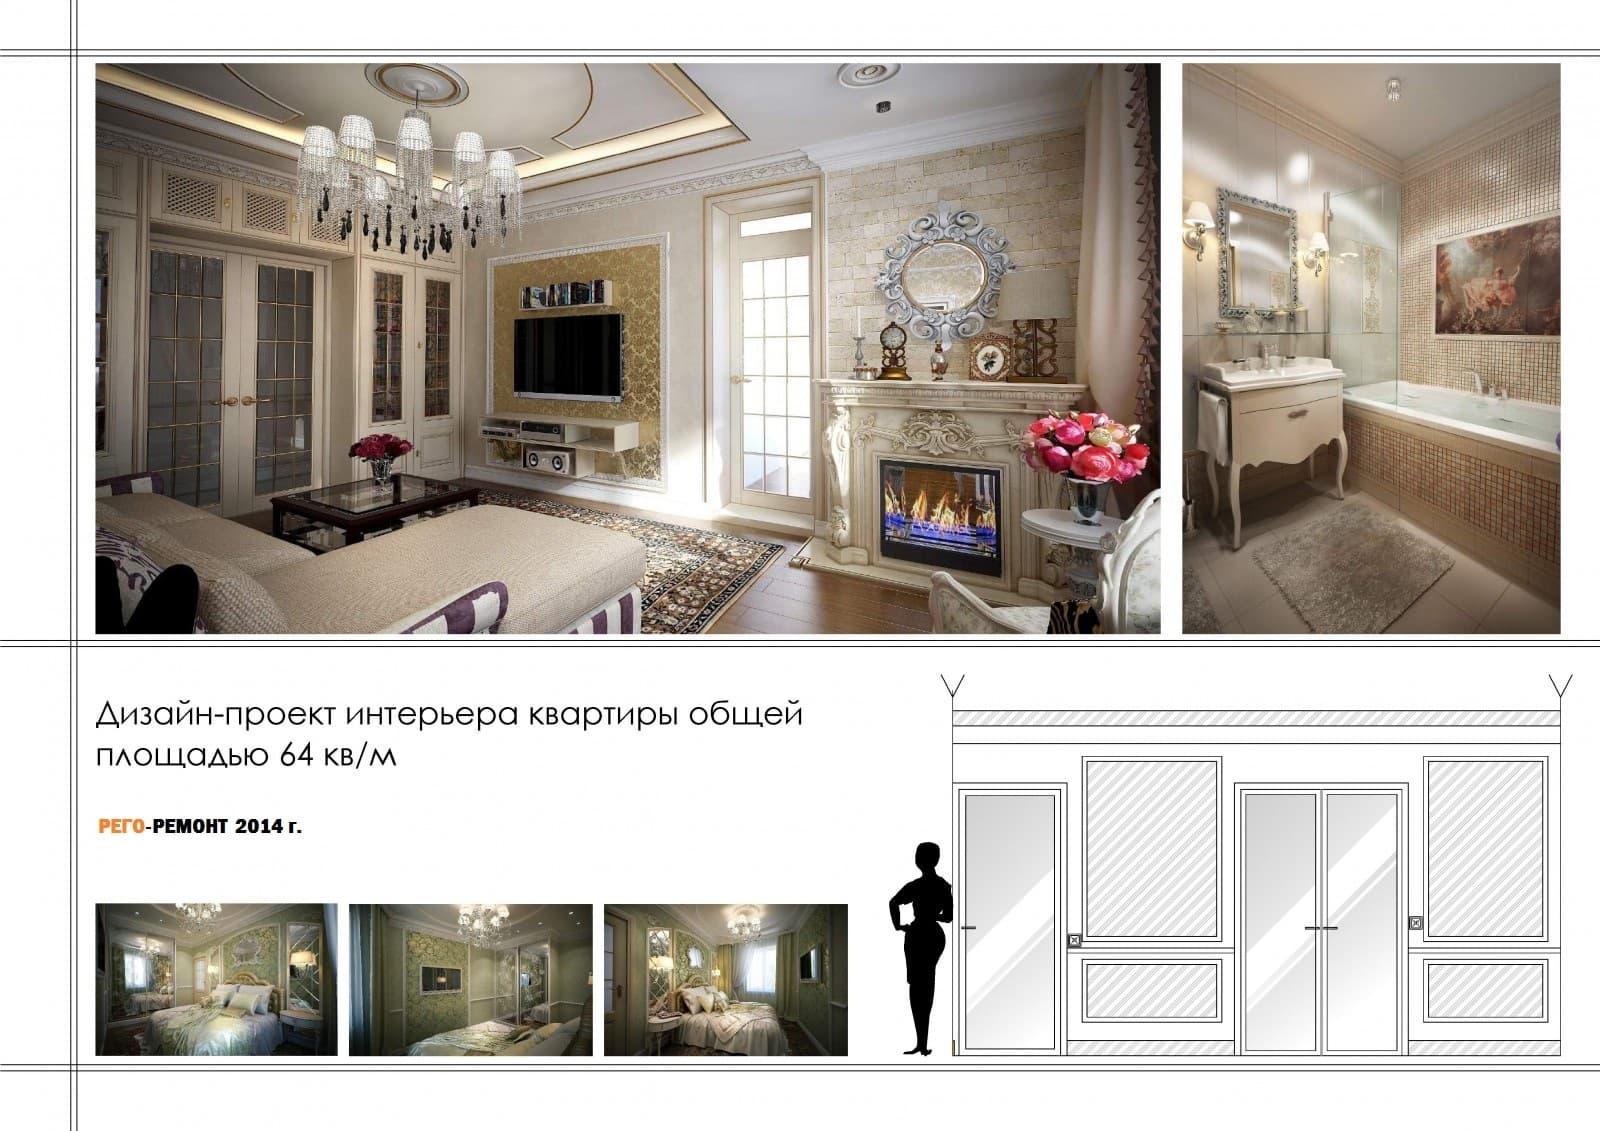 Опрос про ремонт квартиры!, журнал про ремонт квартир